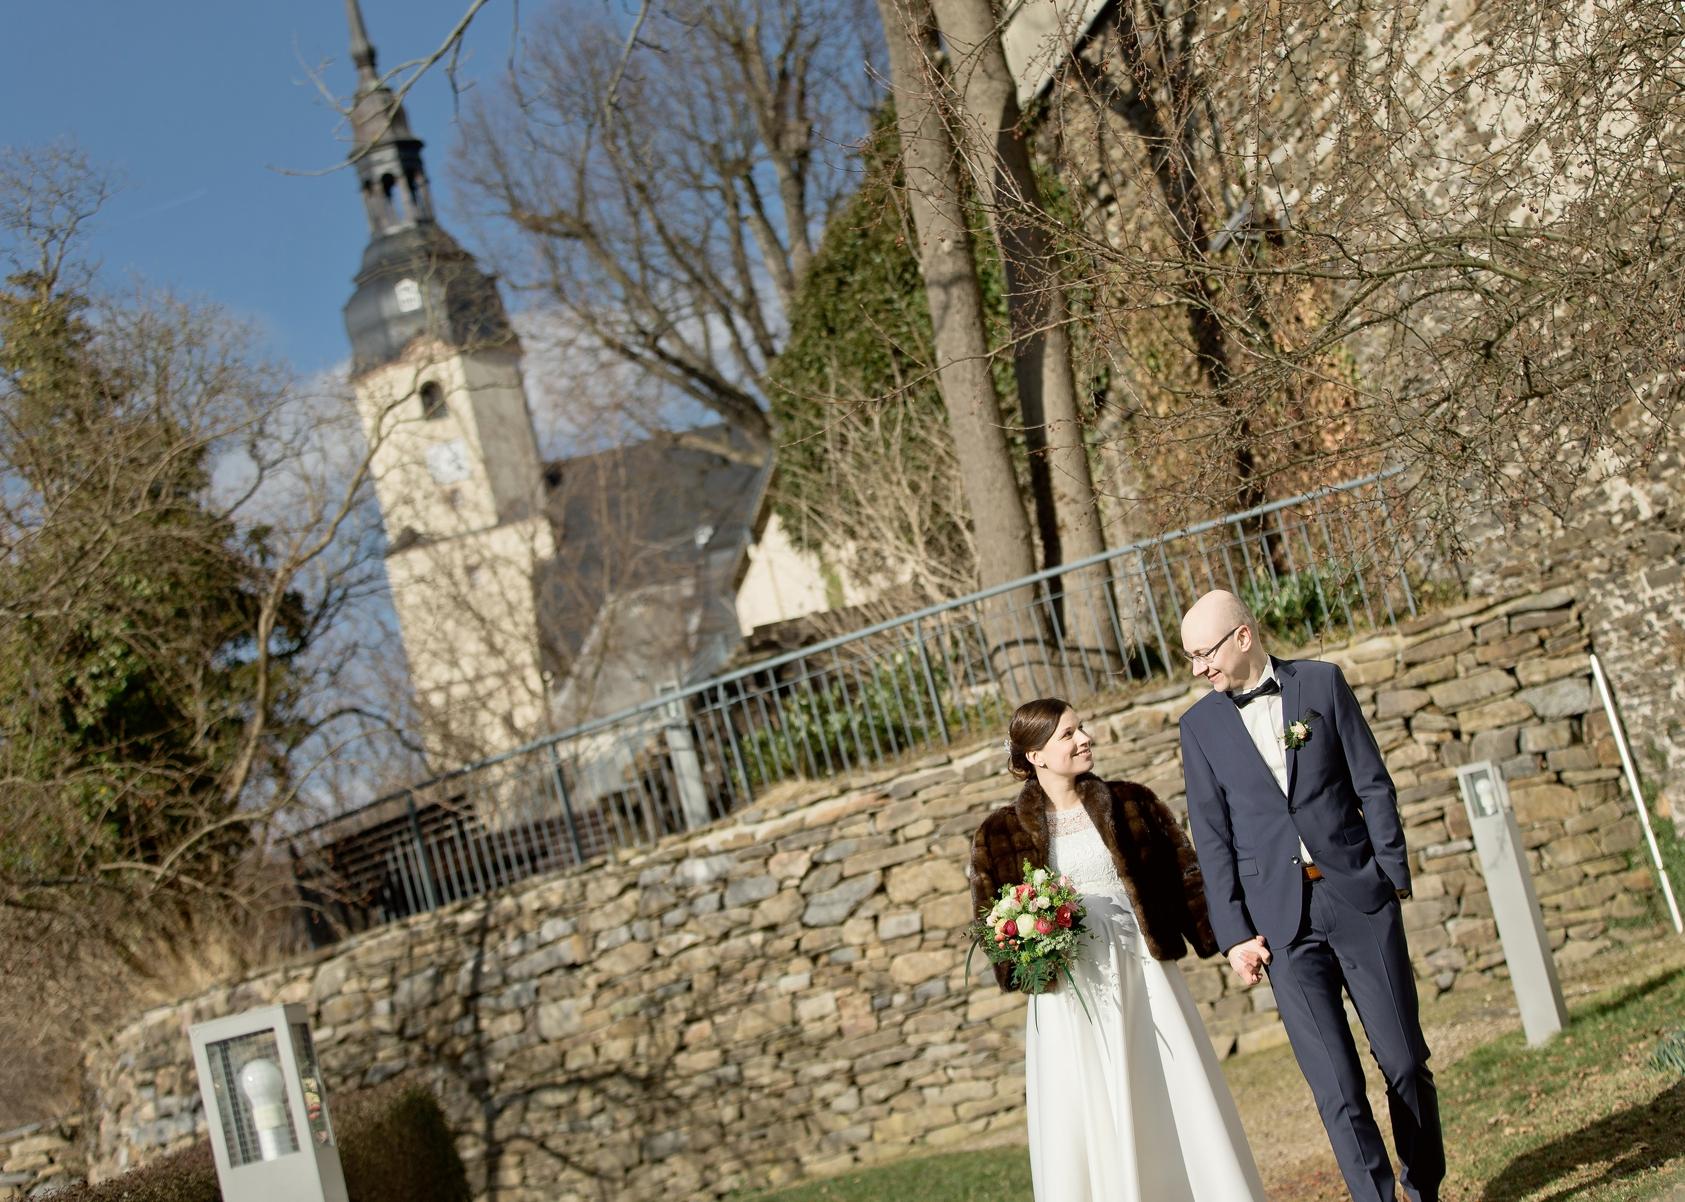 park von schloss wildeck, heiraten zschopau im schloss wildeck, als Hochzeitsfotograf in zschoapu